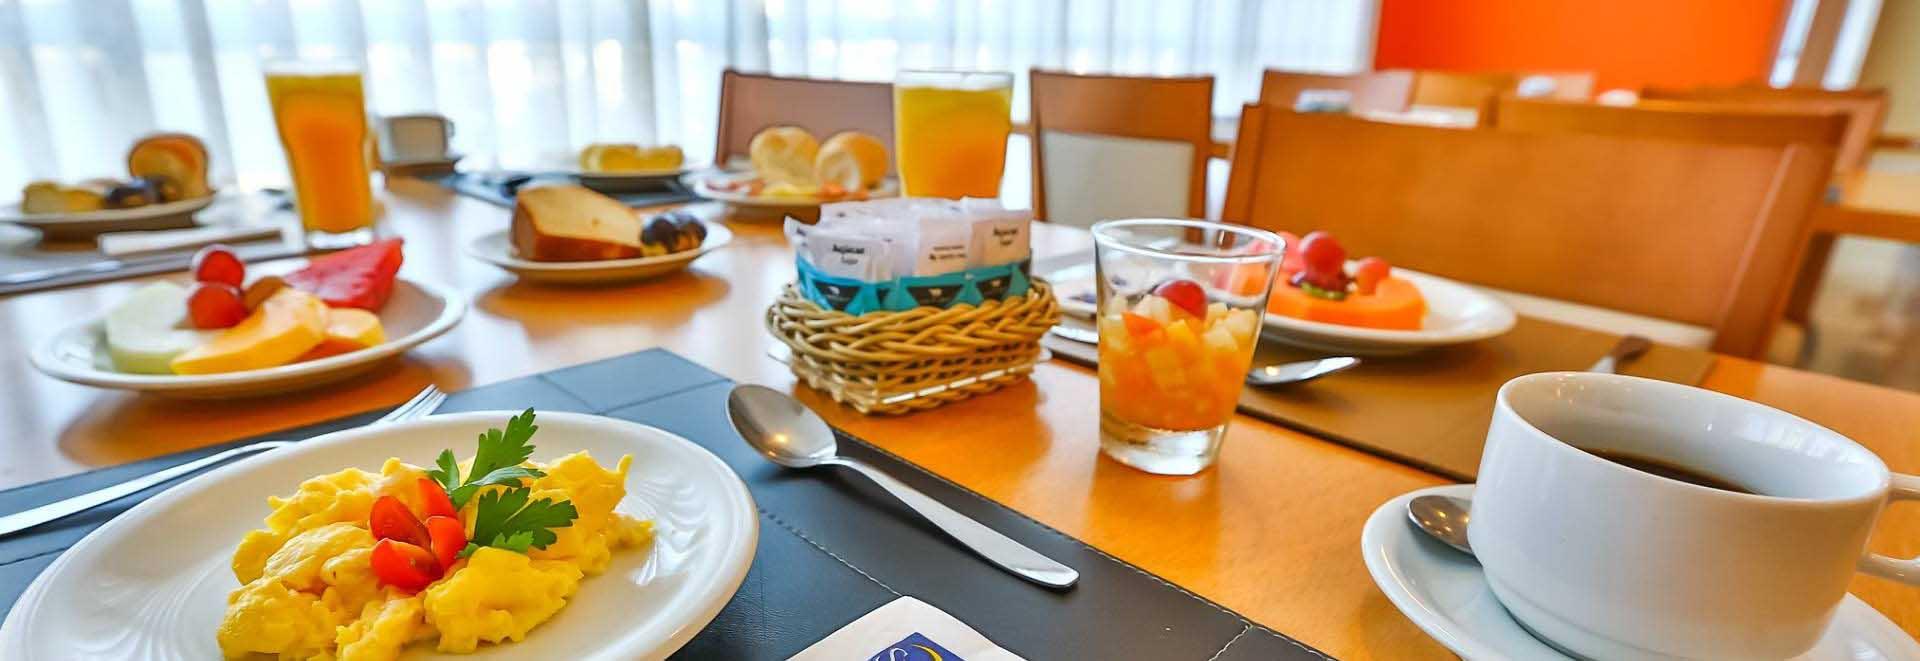 Fotos hotelaria - Alimentos e Bebidas